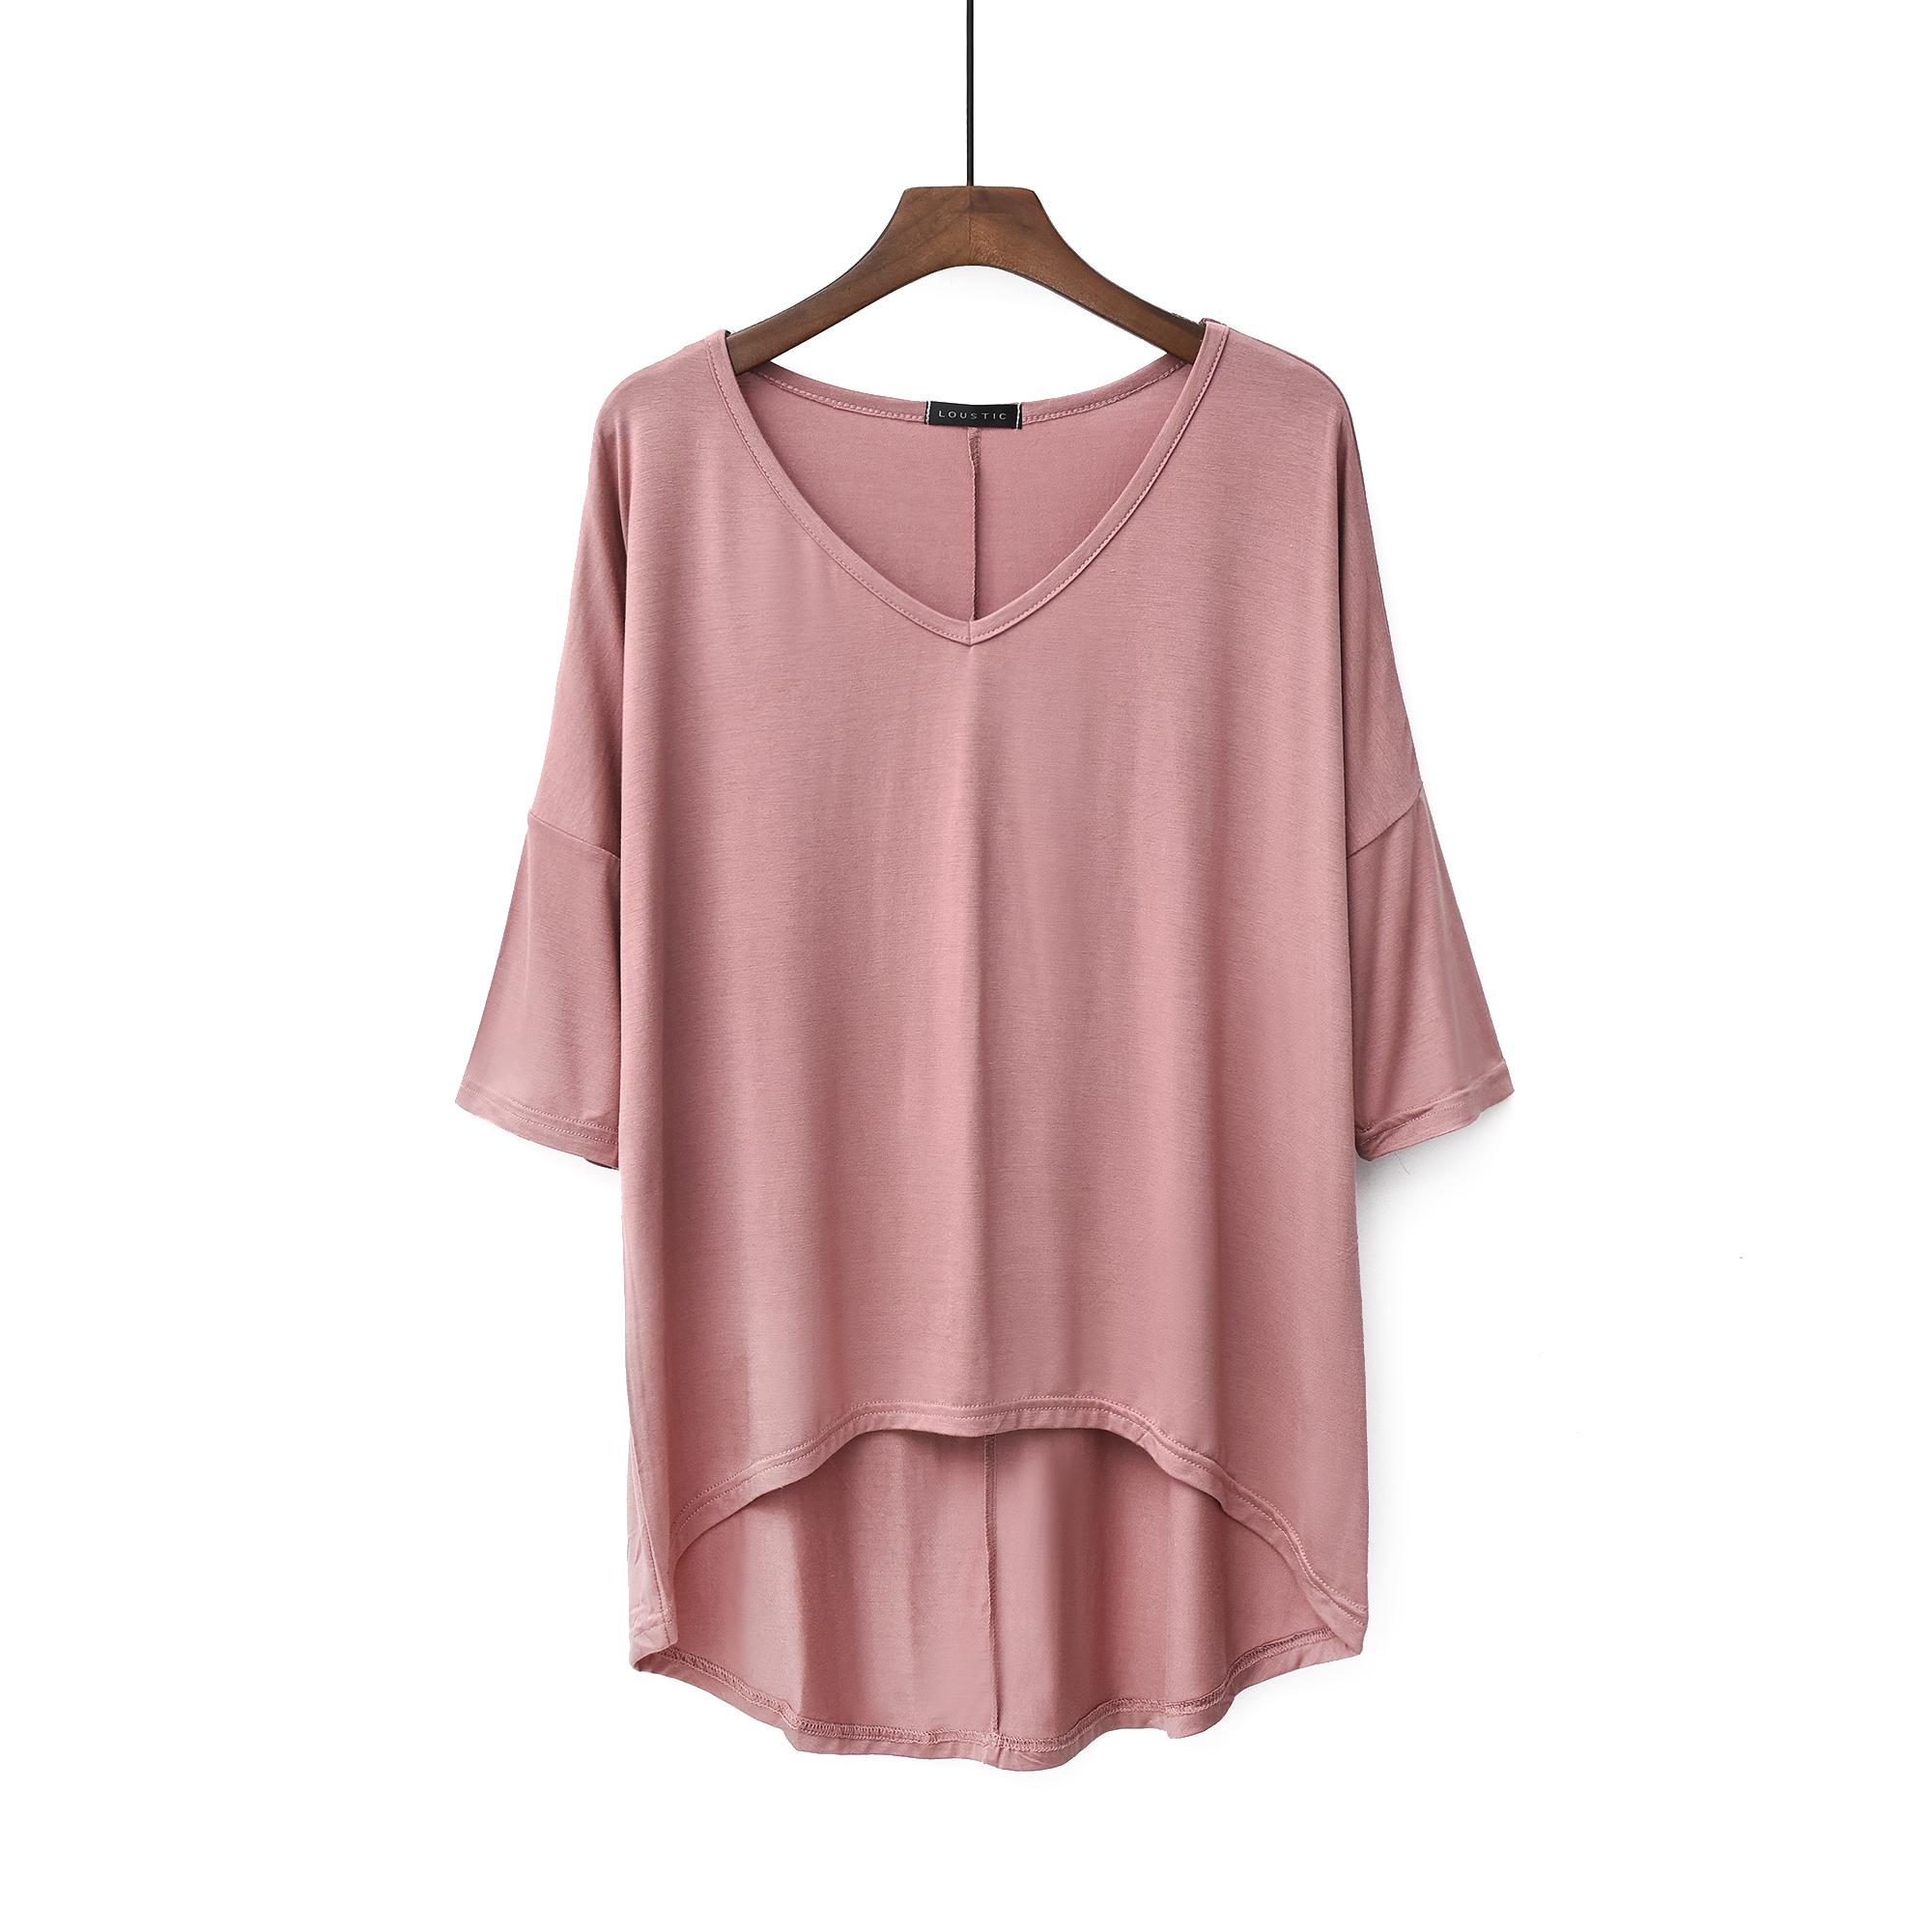 大码女装宽松莫代尔显瘦中袖V领T恤前短后长家居服短袖上衣月子服